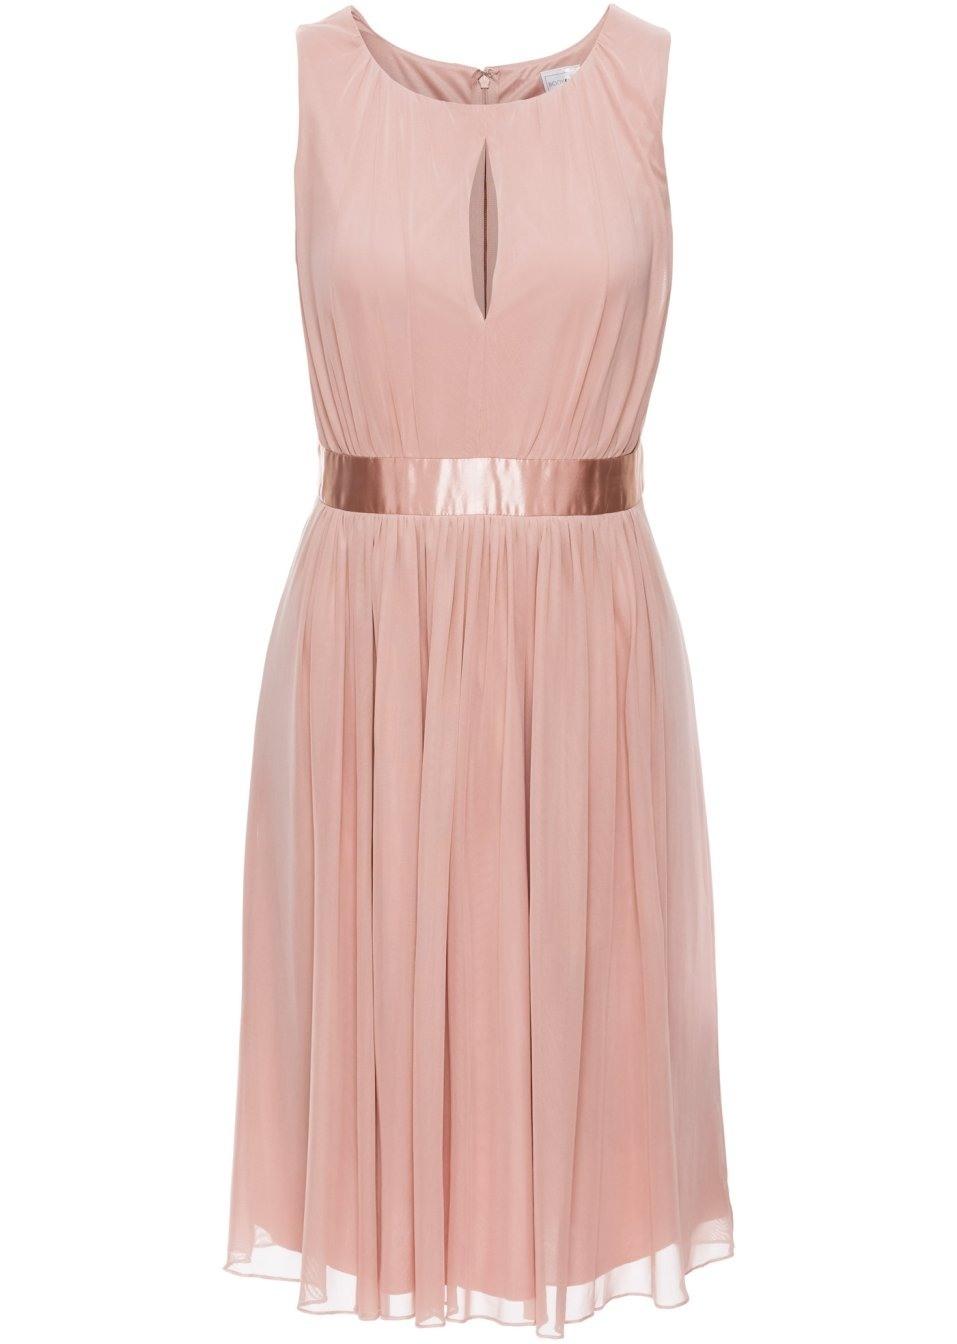 20 Wunderbar Lachsfarbenes Kleid Vertrieb13 Coolste Lachsfarbenes Kleid Bester Preis